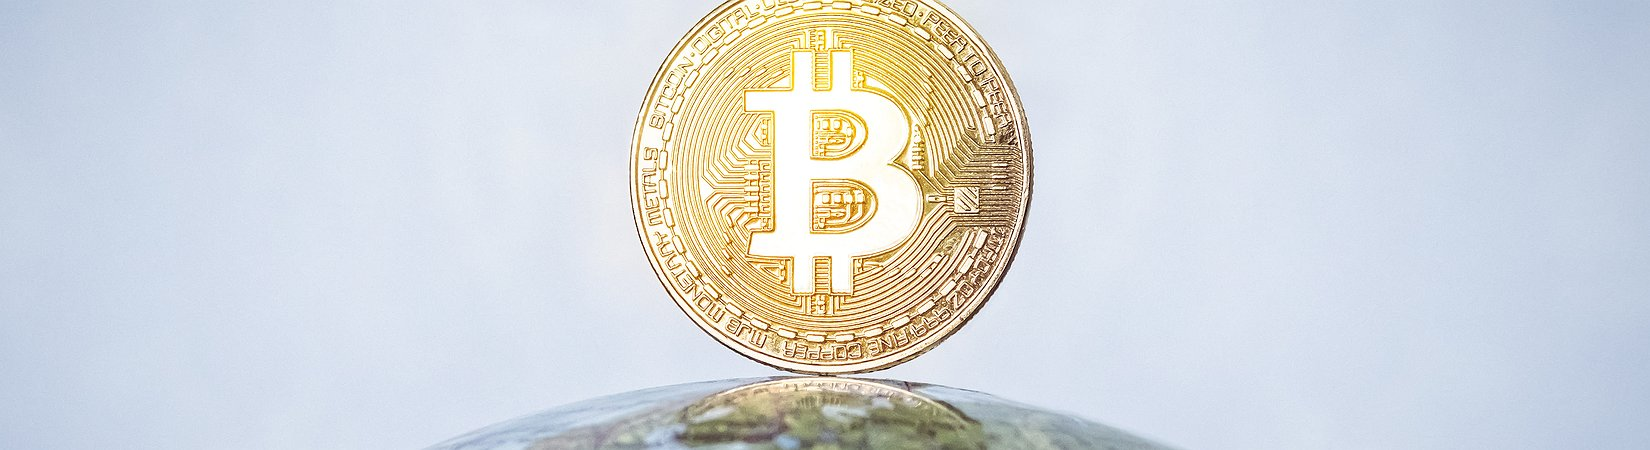 ¿Qué pasará con la economía de las criptomonedas en 2018?